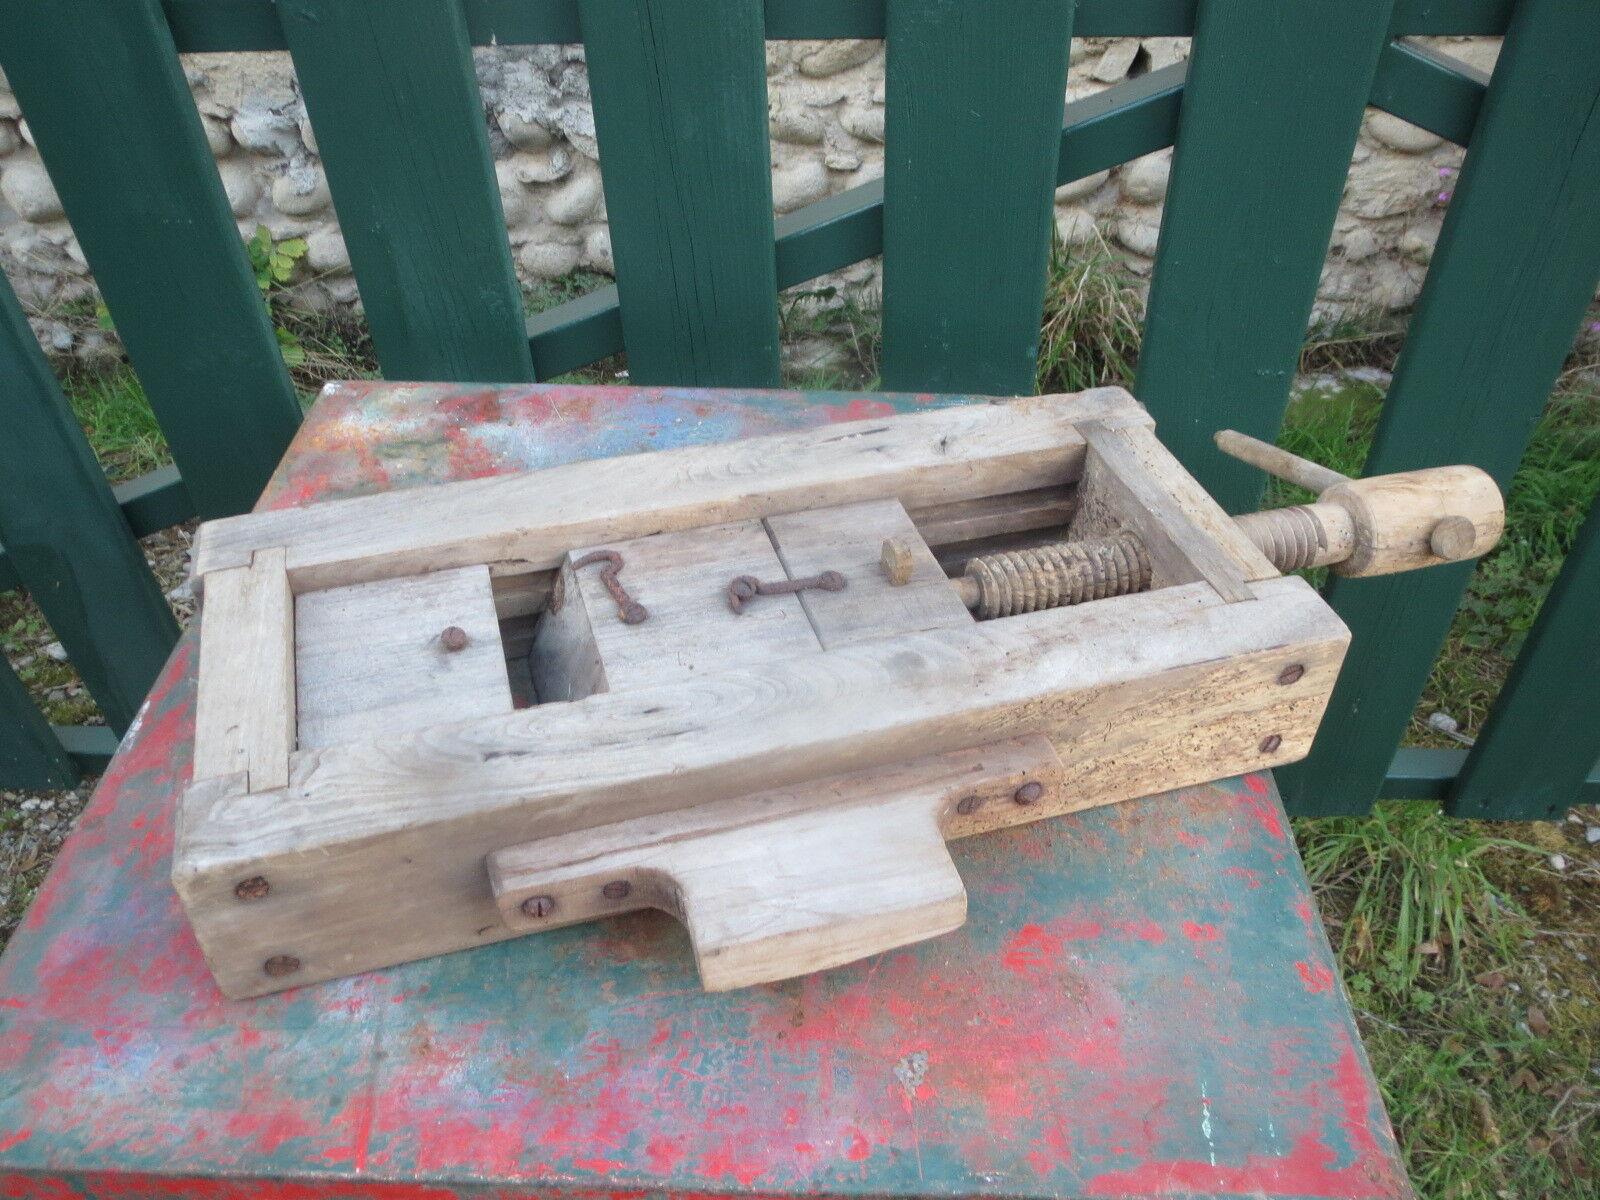 Ancien serre joints filetage en bois , outil de métier : ébéniste a definir